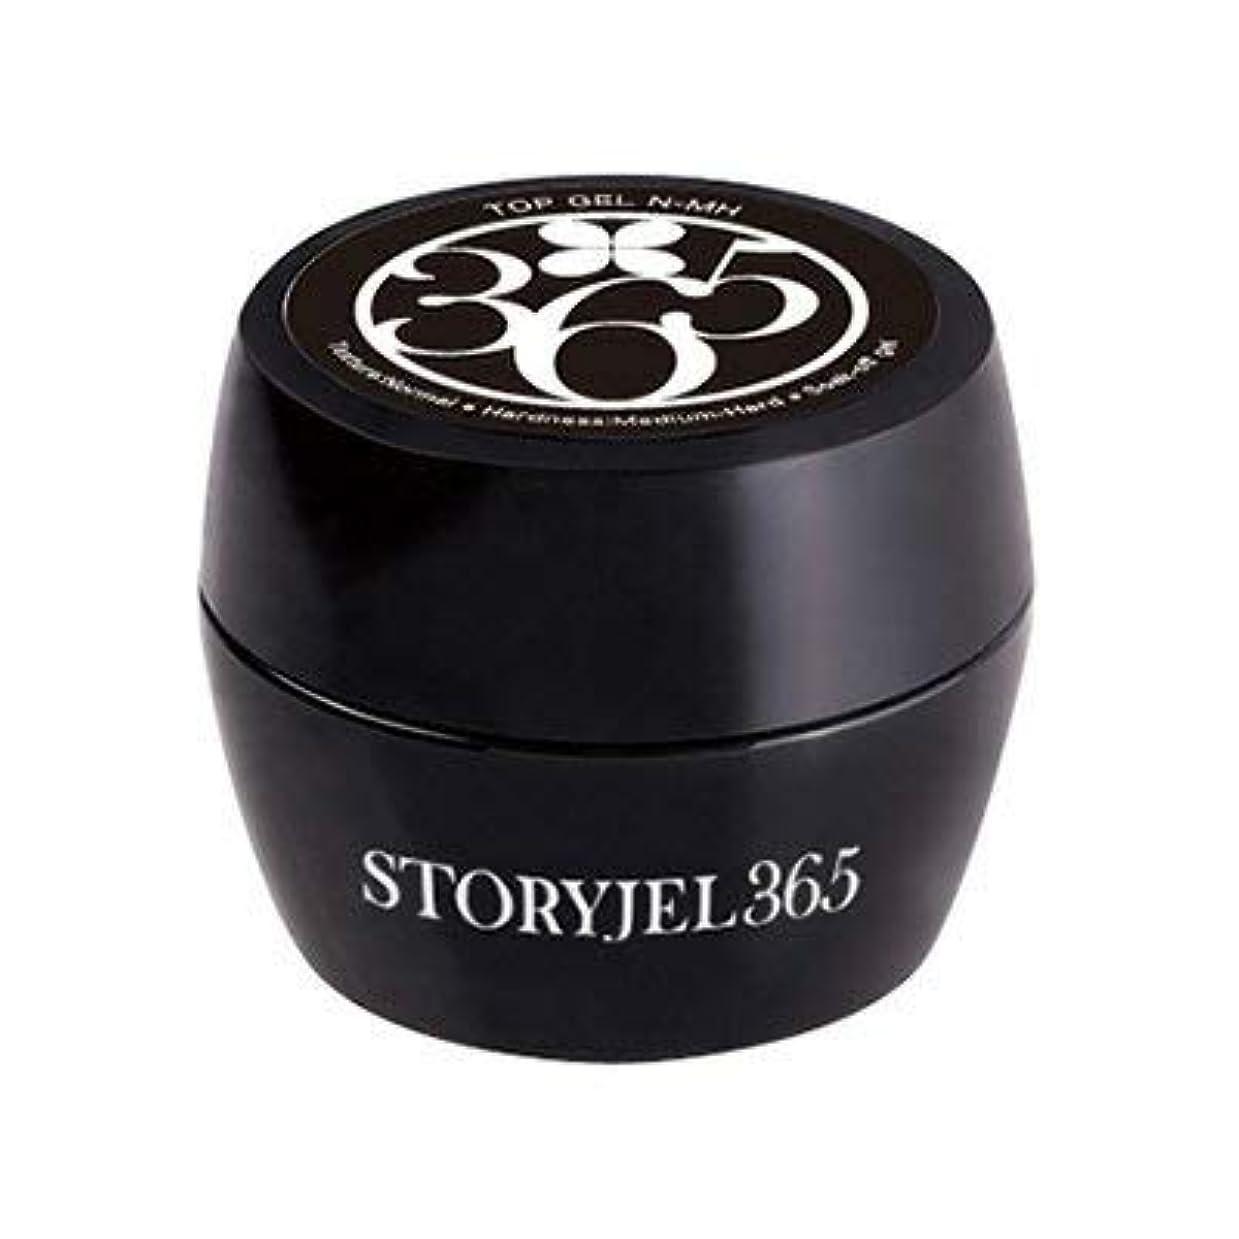 バリケードアカデミック発動機STORYJEL365 トップジェル 15g (ストーリージェル) SJ-TOP-NMH-D